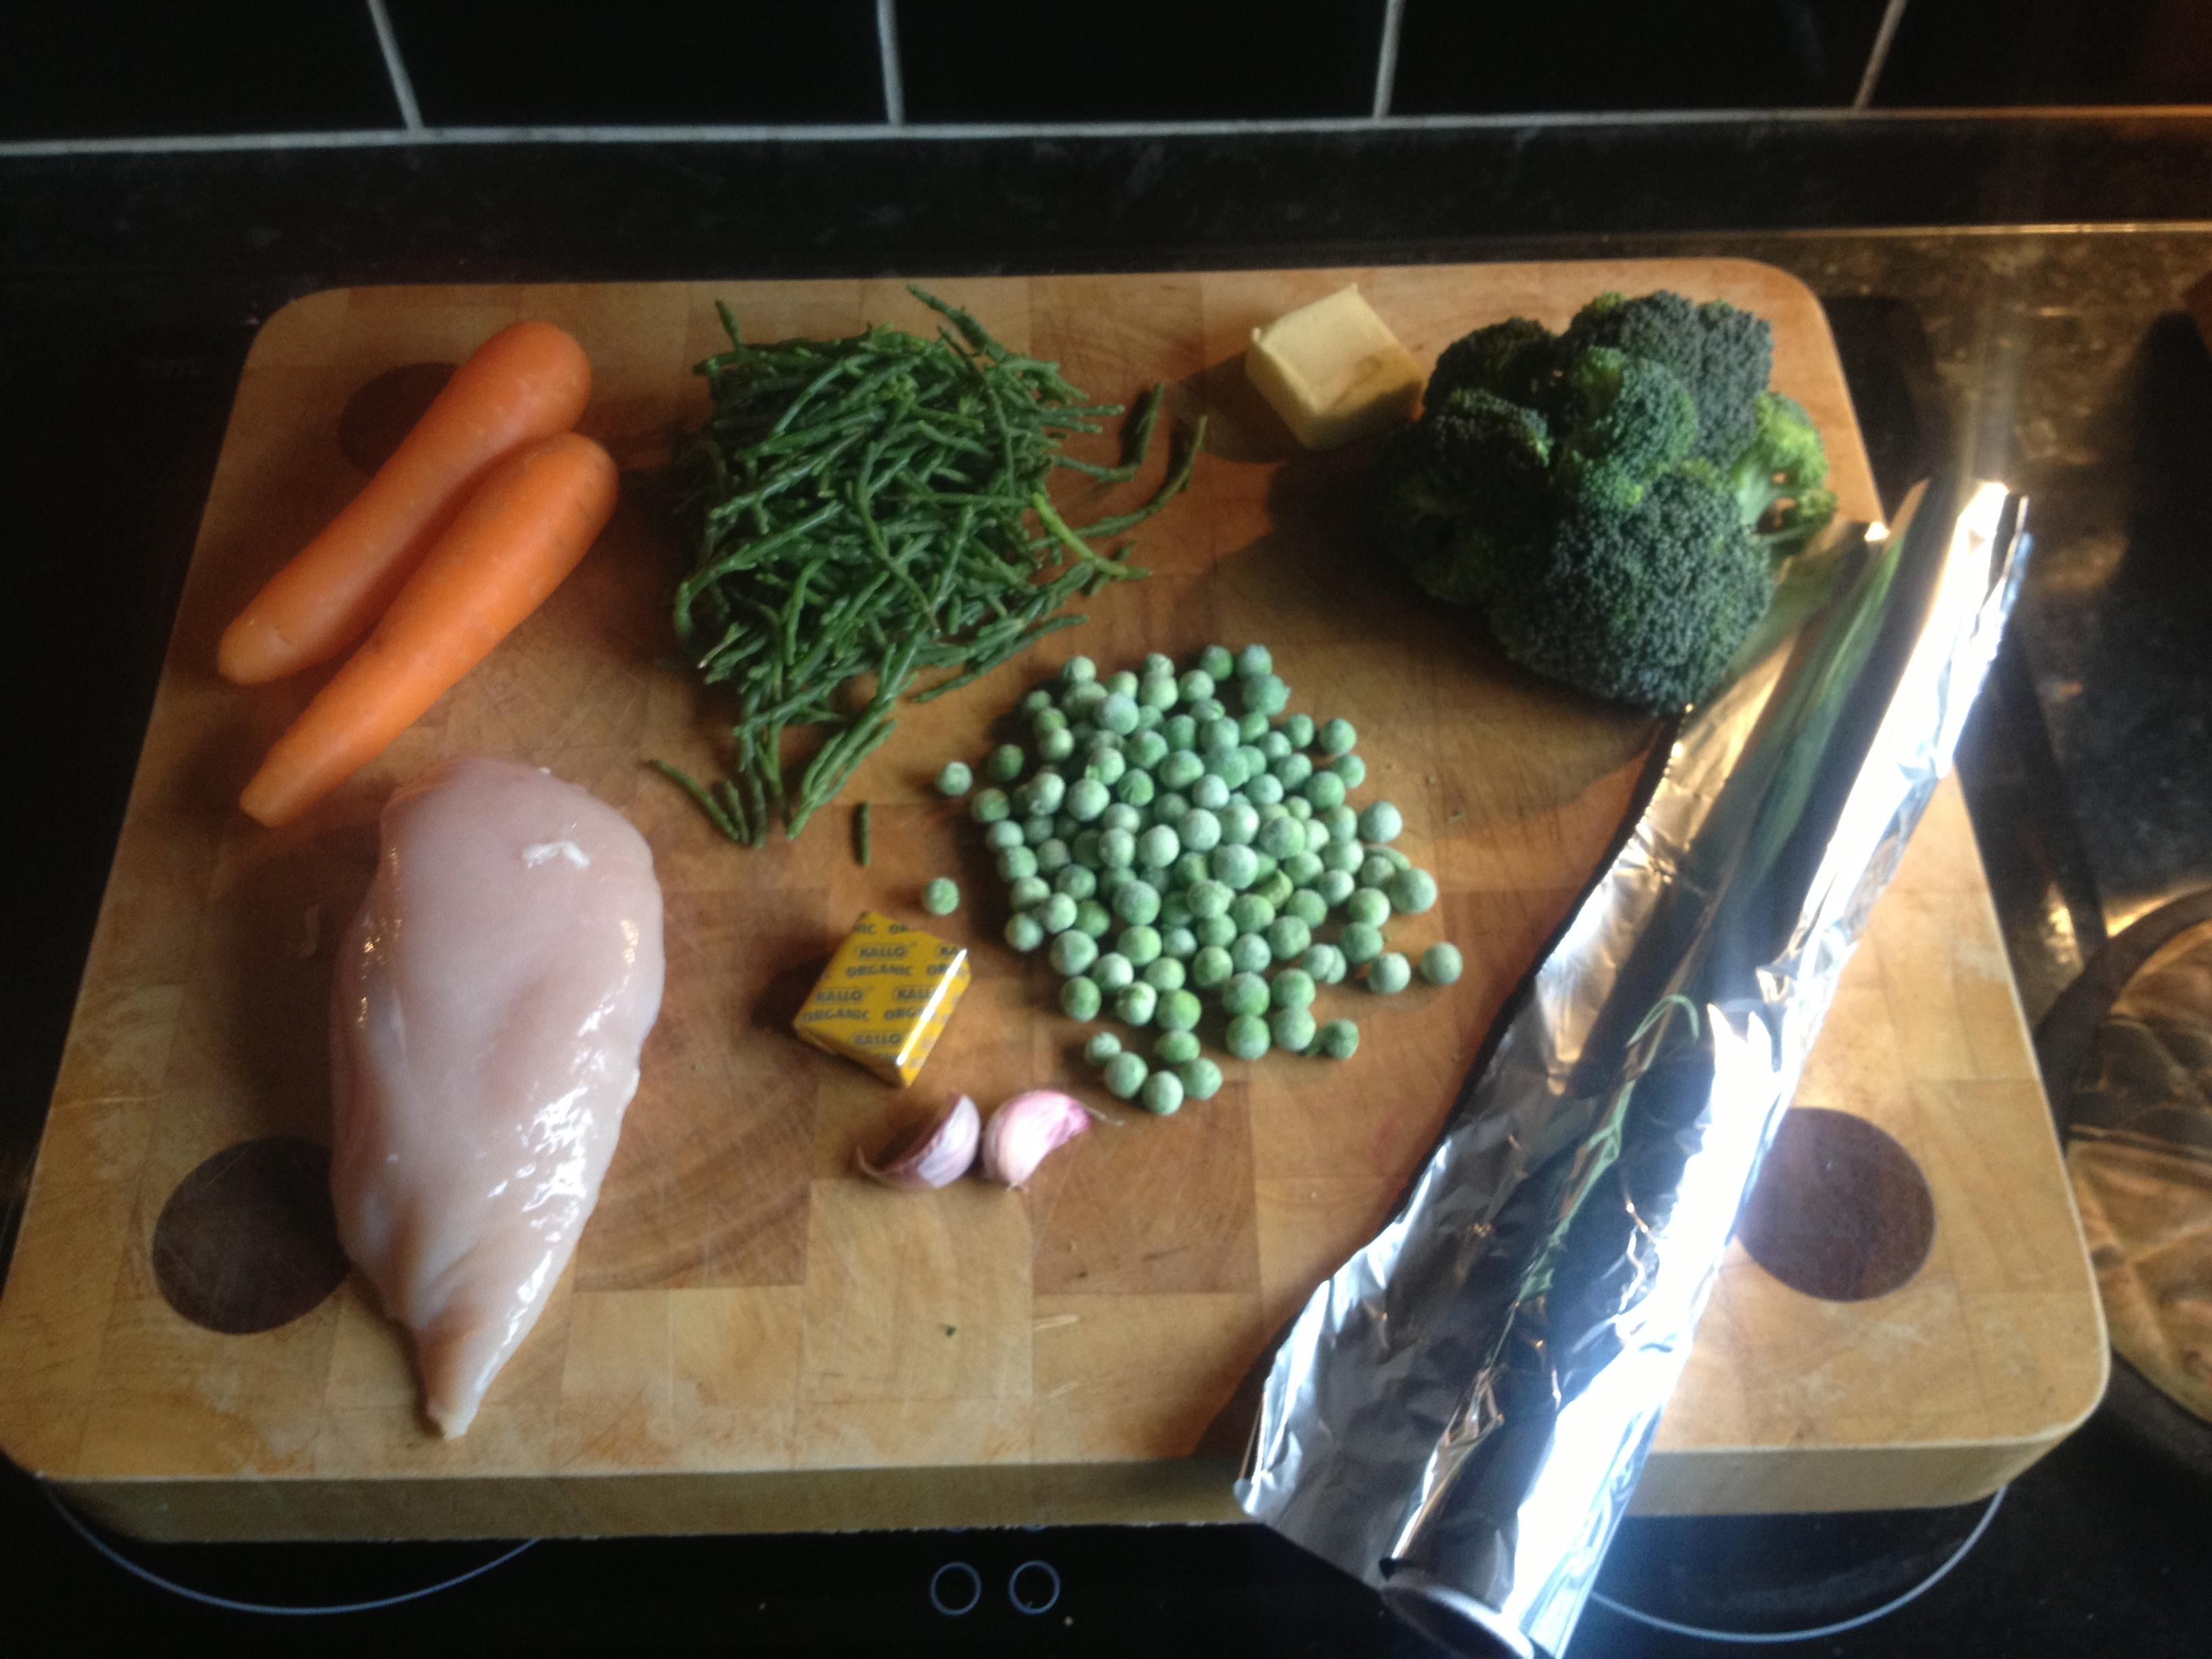 Chicken, Paleo, The Handy Plan, chicken in a parcel recipe